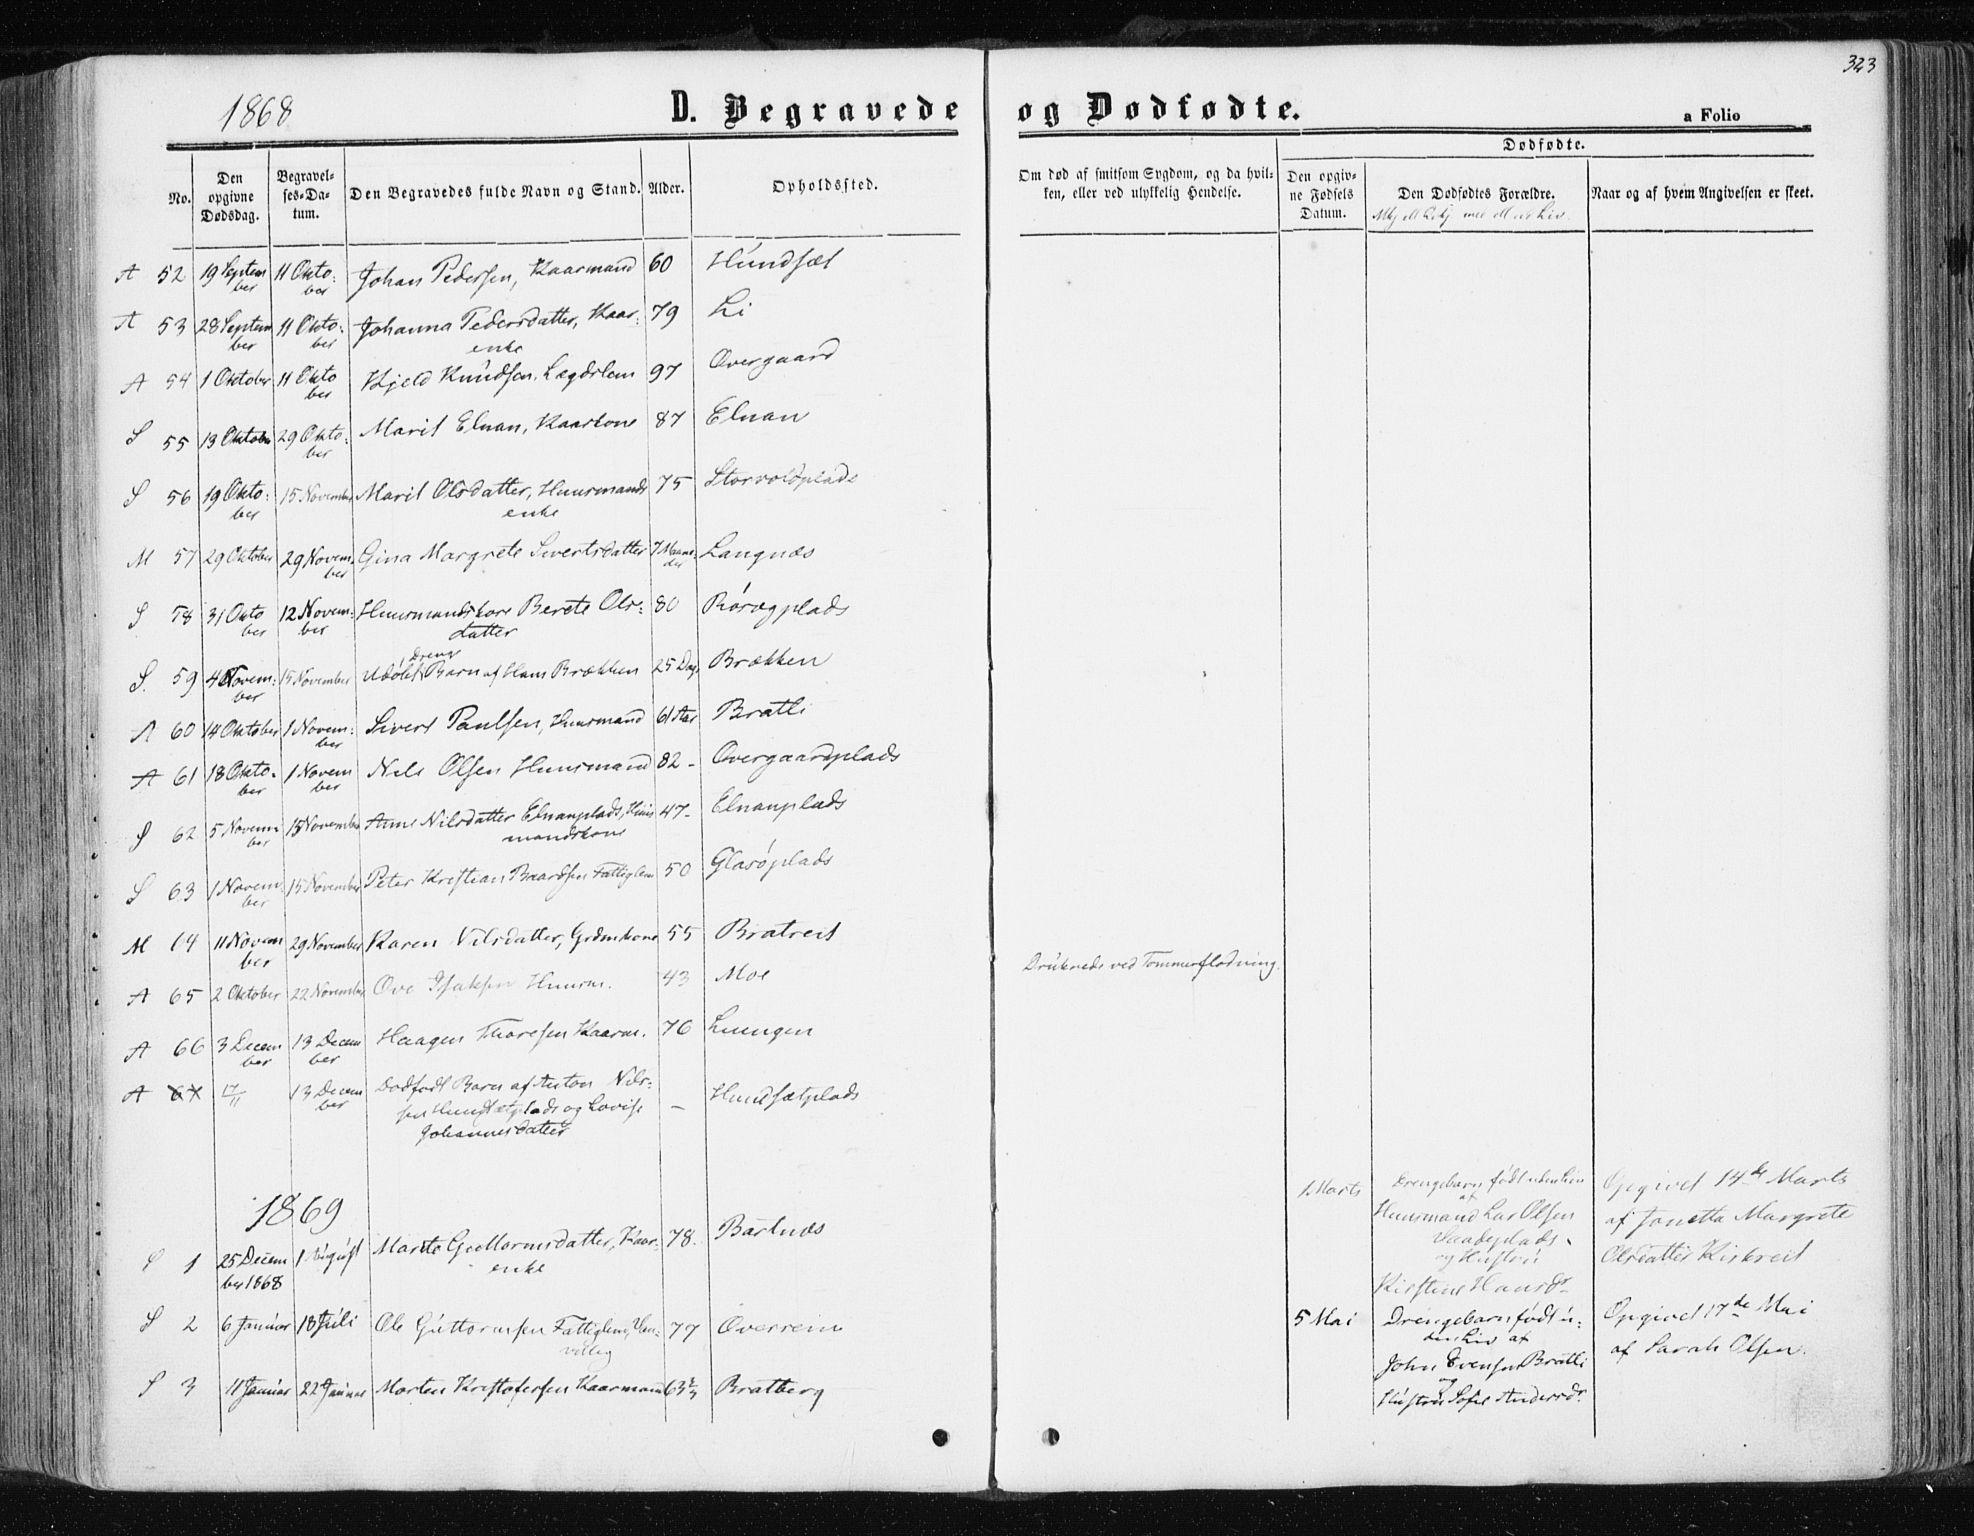 SAT, Ministerialprotokoller, klokkerbøker og fødselsregistre - Nord-Trøndelag, 741/L0394: Ministerialbok nr. 741A08, 1864-1877, s. 323